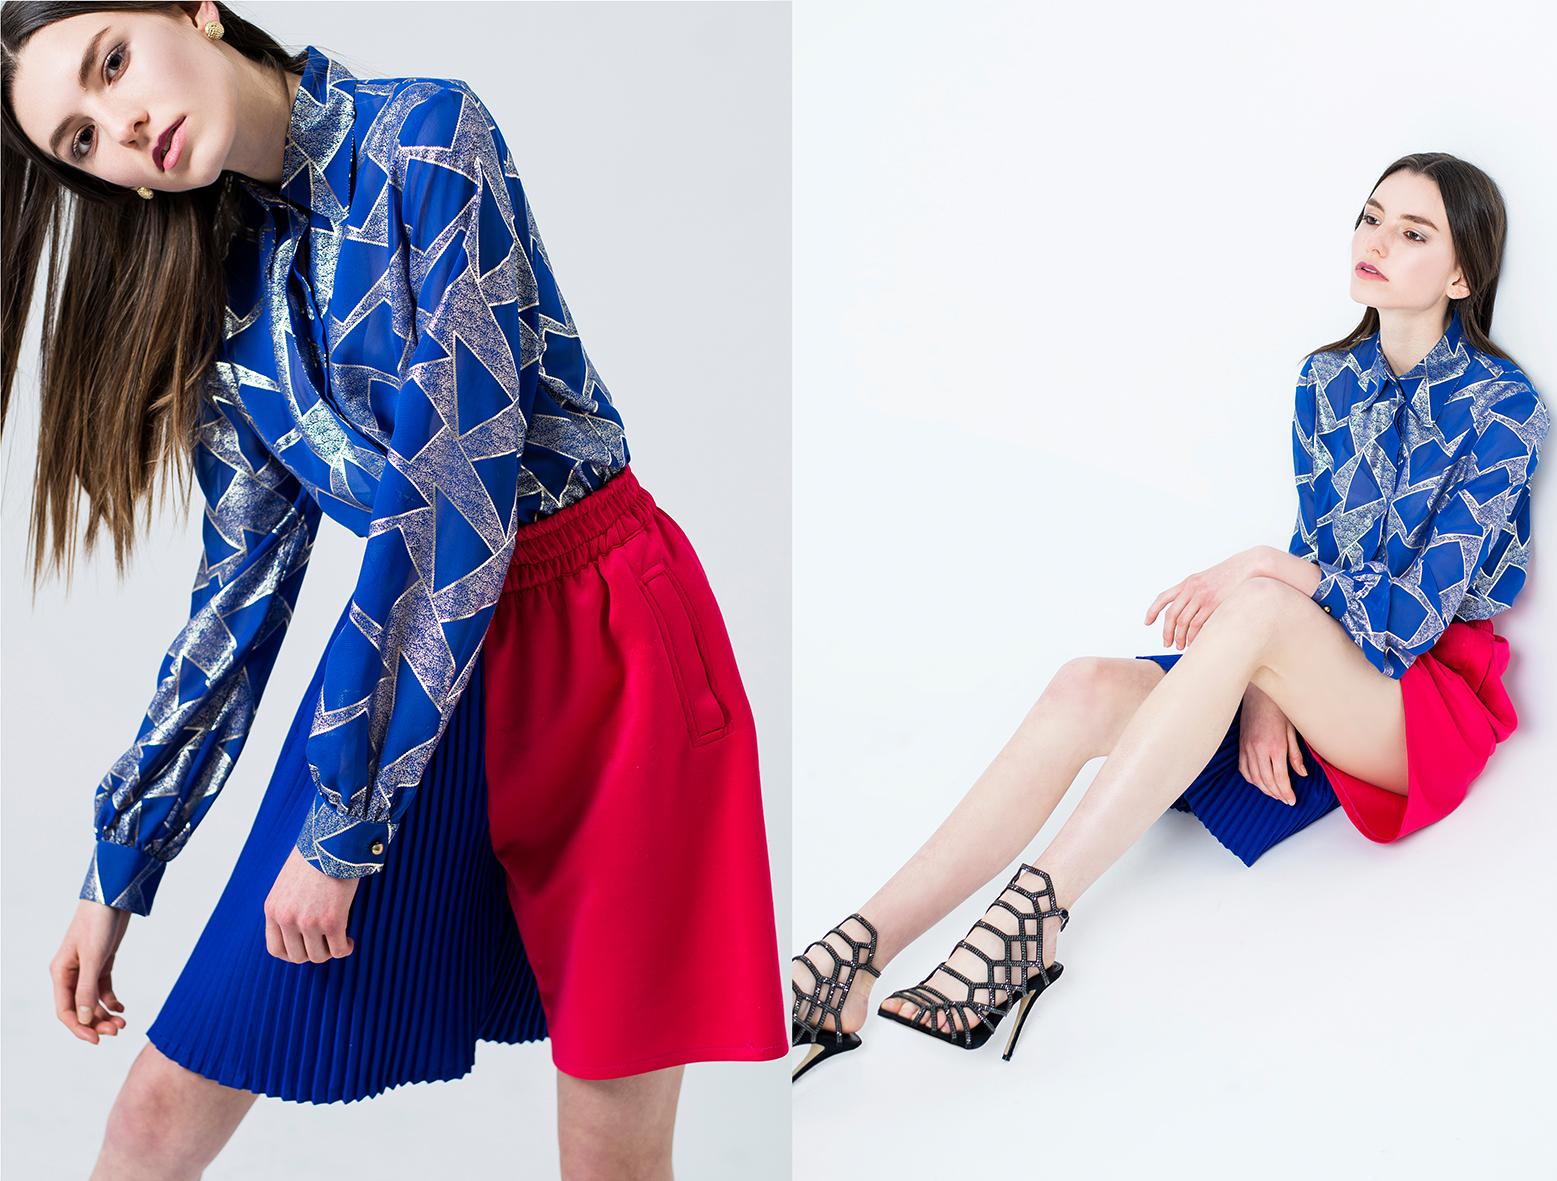 Blusa con print metalizado , WEAR IT B#TCH.  Short bicolor , LADRON DE GUEVARA.  Zapatos , STEVE MADDEN.  Aretes , VINTAGE.